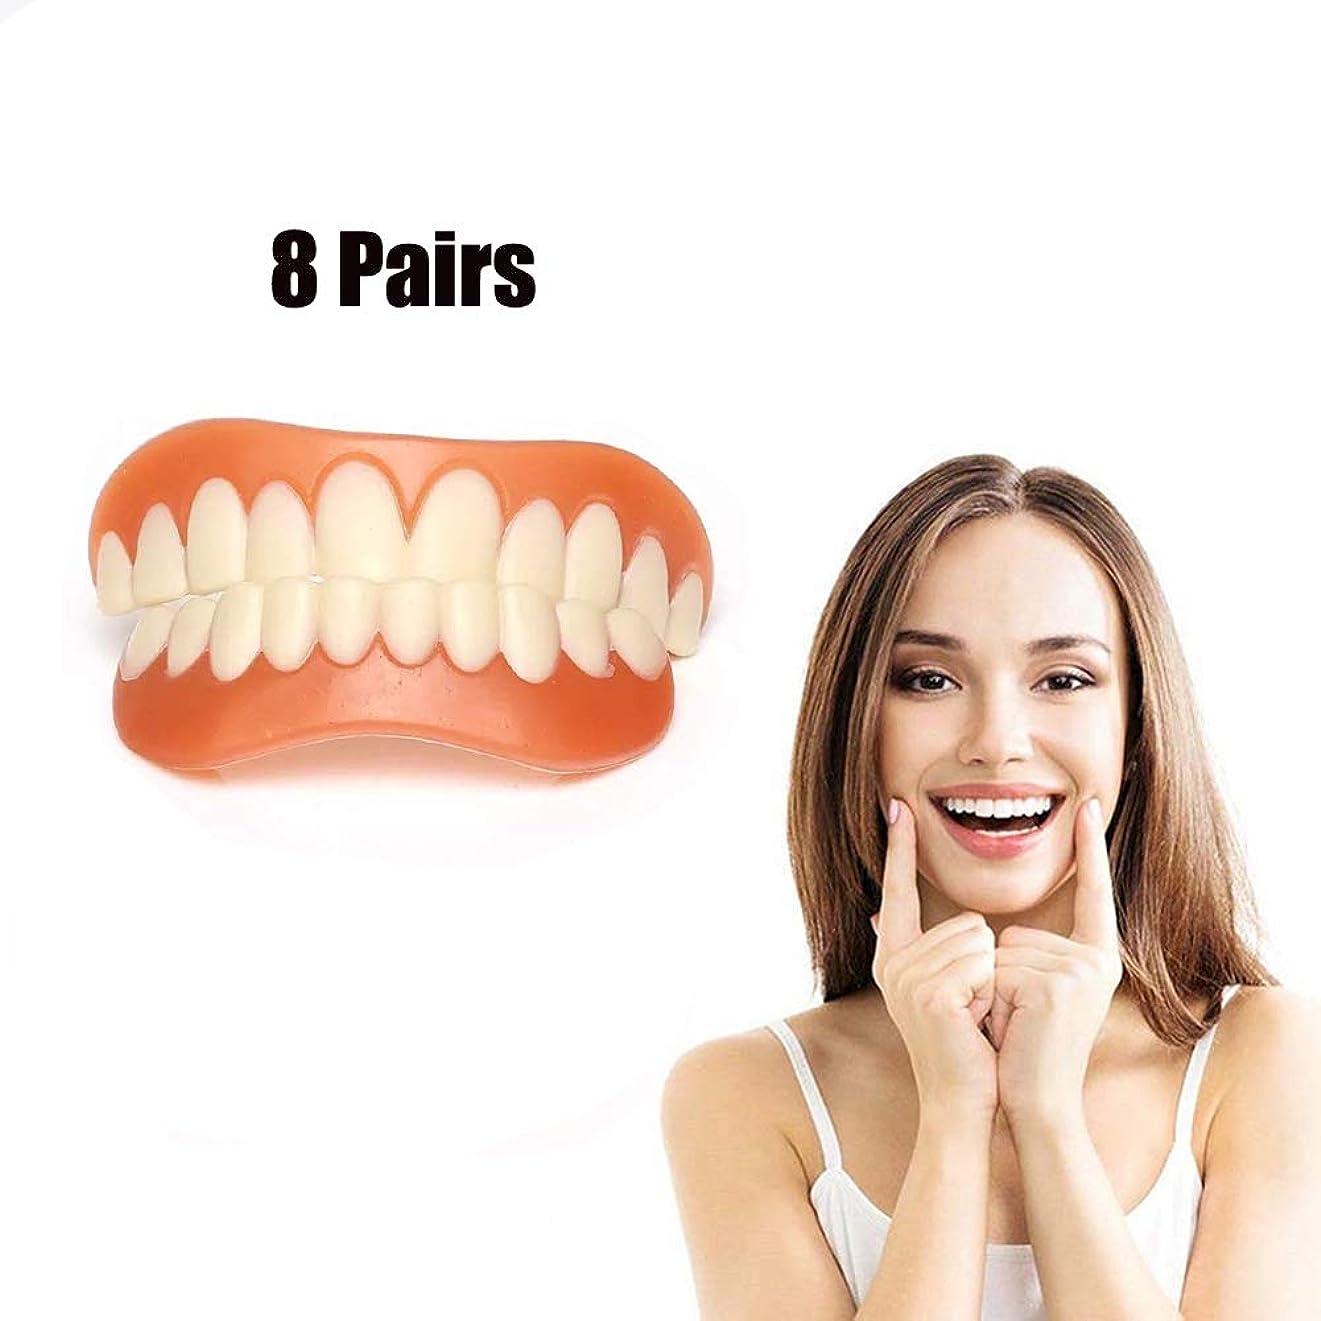 空の結果仕出します8組安全なベニヤ歯、インスタント笑顔の快適さ修正義歯を白くする偽の歯 - ワンサイズフィット(下+上)